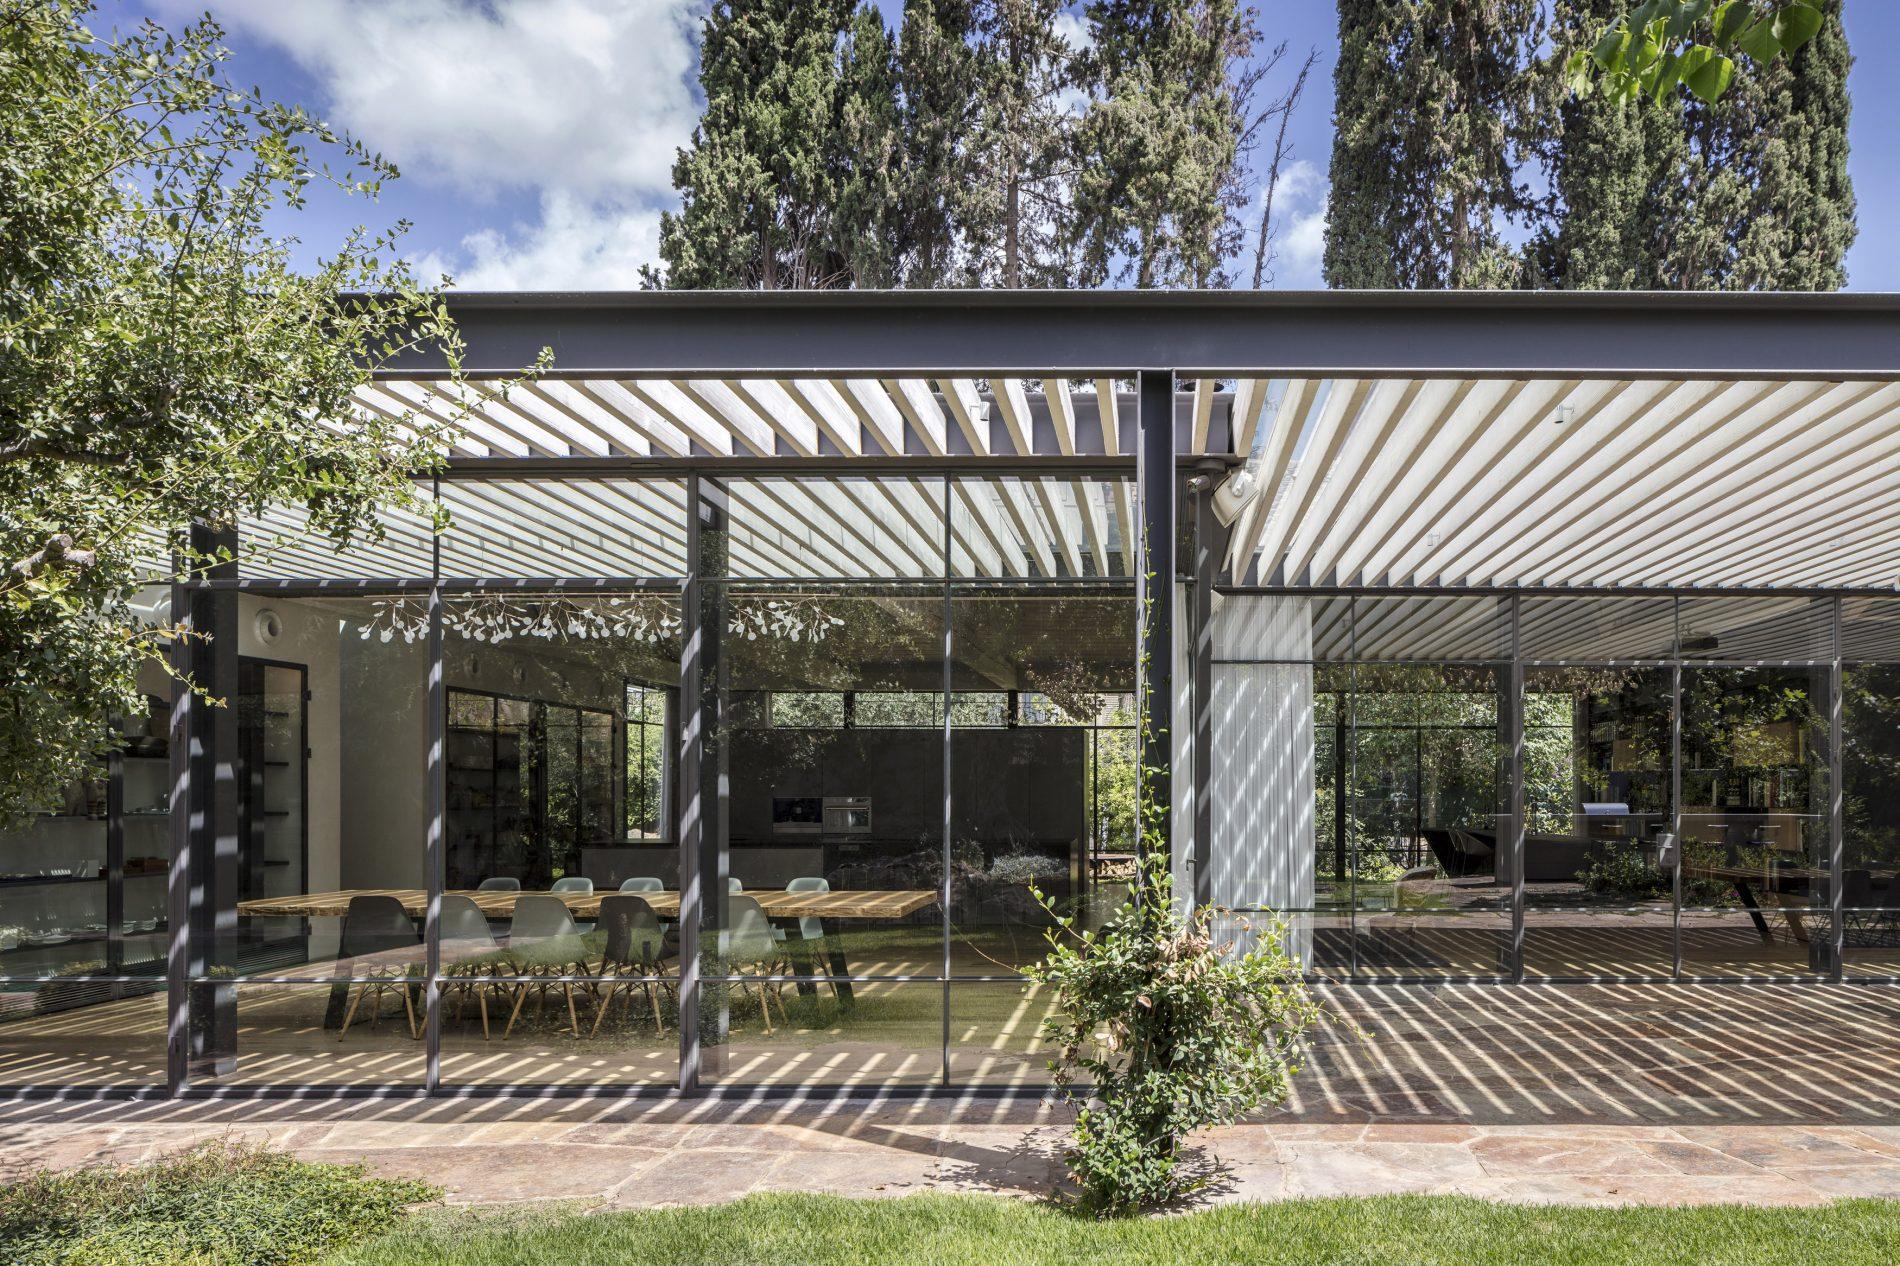 הגינה ופנים הבית מתמזגים לאחד דרך החלונות הבלגיים - בית הזכוכית